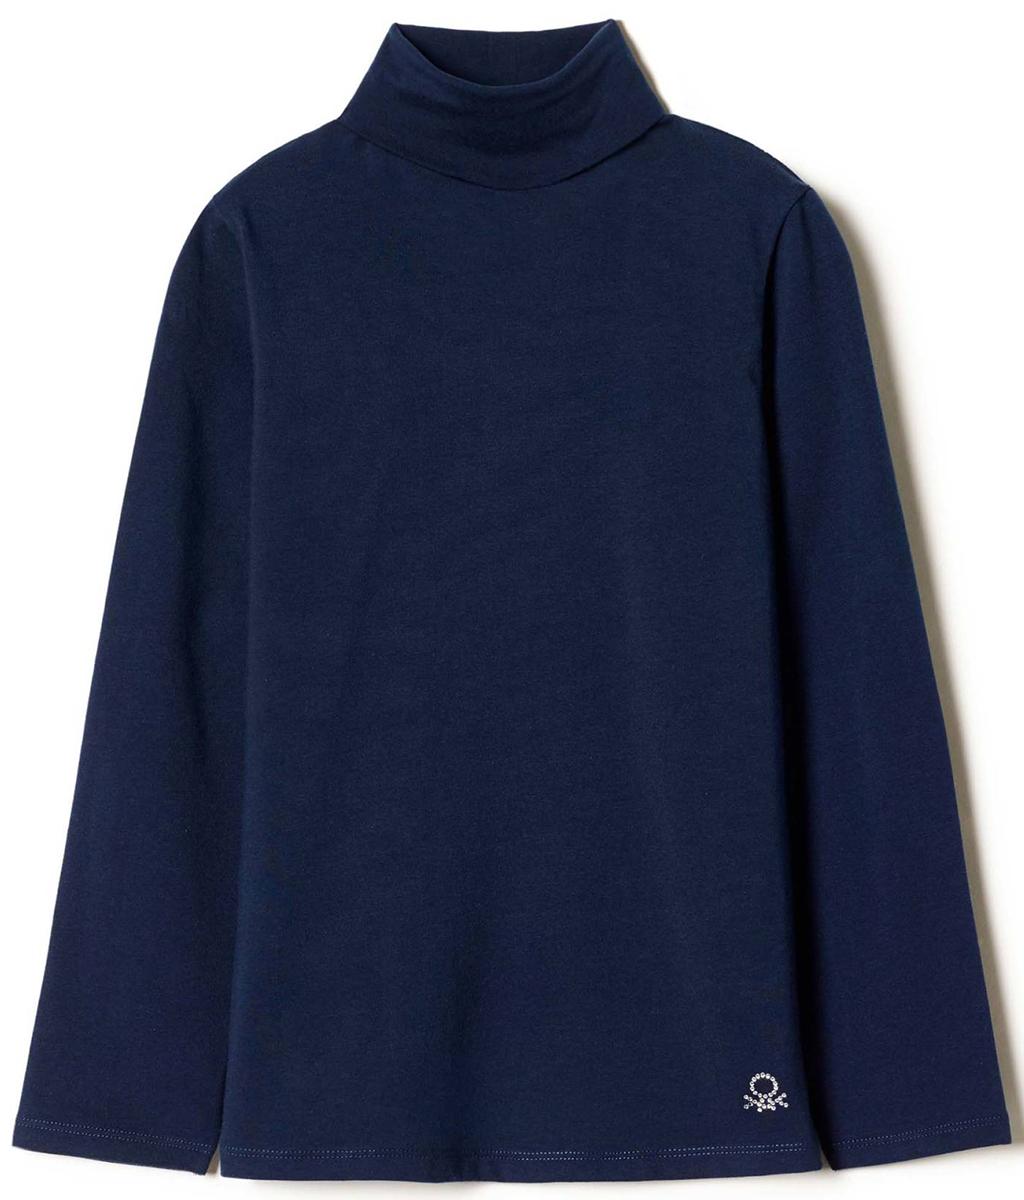 Водолазка для девочки United Colors of Benetton, цвет: синий. 3DR6C2458_13C. Размер 1503DR6C2458_13CВодолазка для девочки United Colors of Benetton выполнена из хлопка и эластана. Модель с воротником гольф и длинными рукавами.